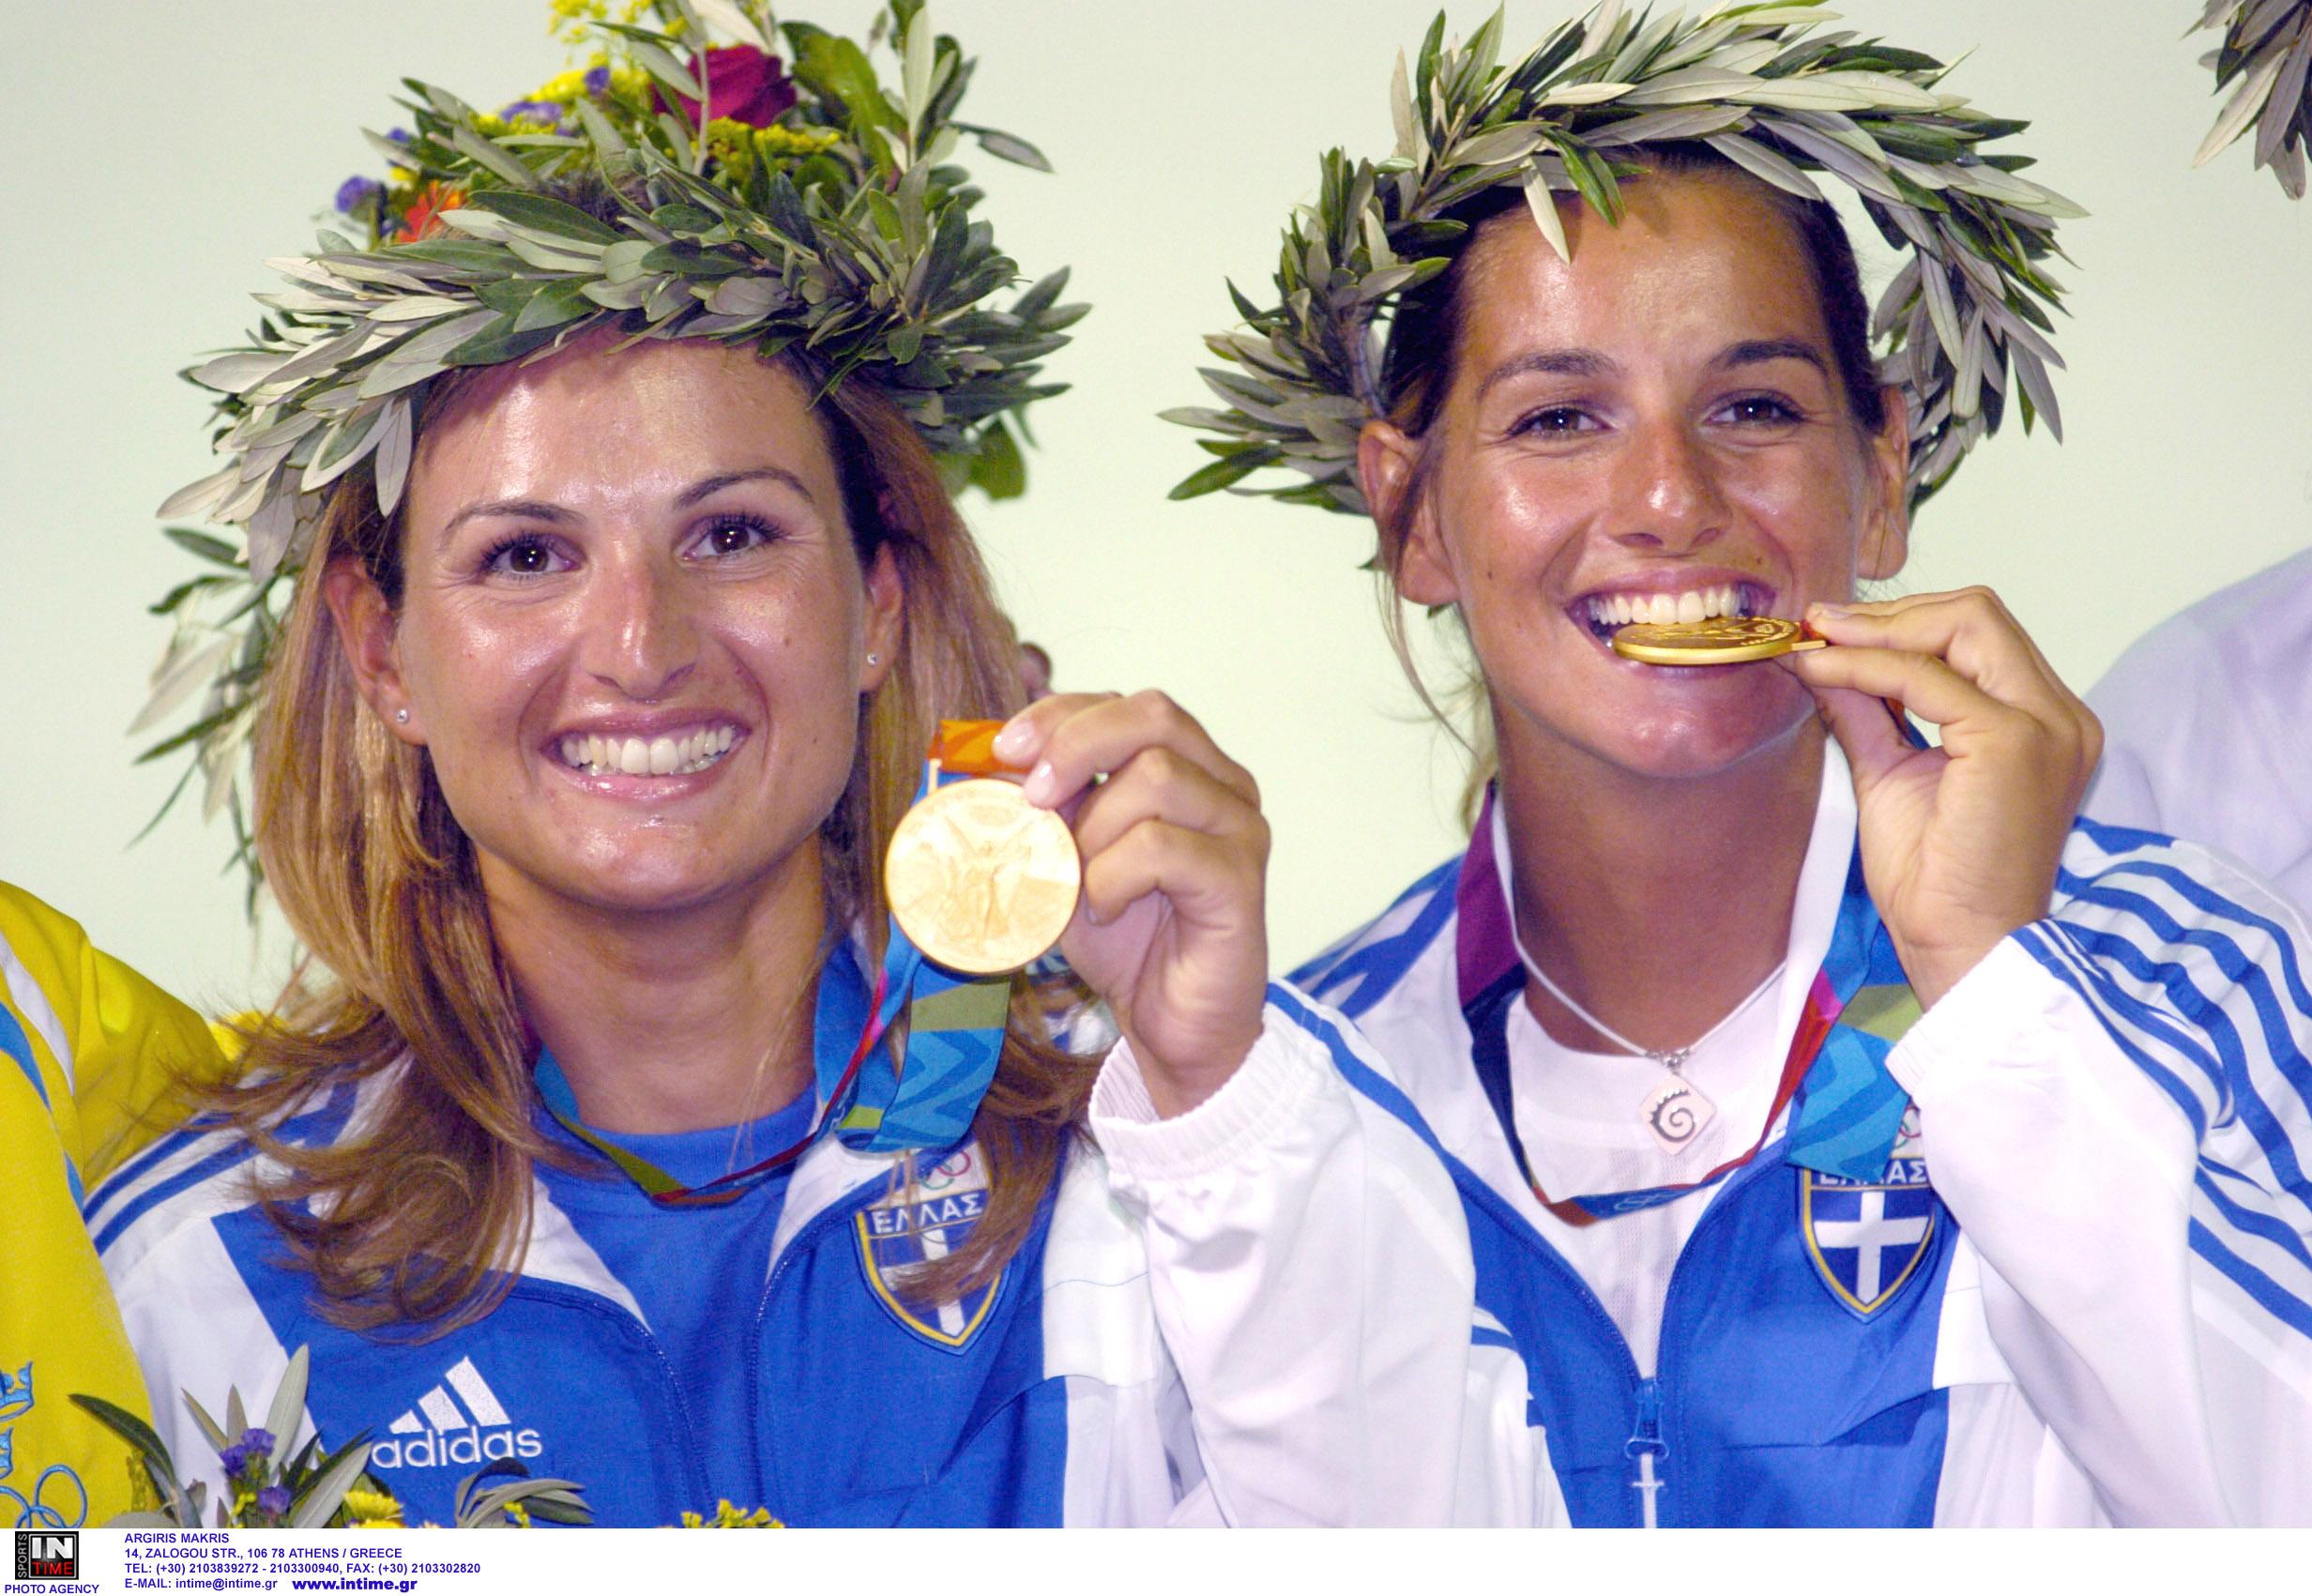 Πρόκριση σε Ολυμπιακούς Αγώνες για την 47χρονη Τσούλφα – Συγχαρητήρια από την Μπεκατώρου